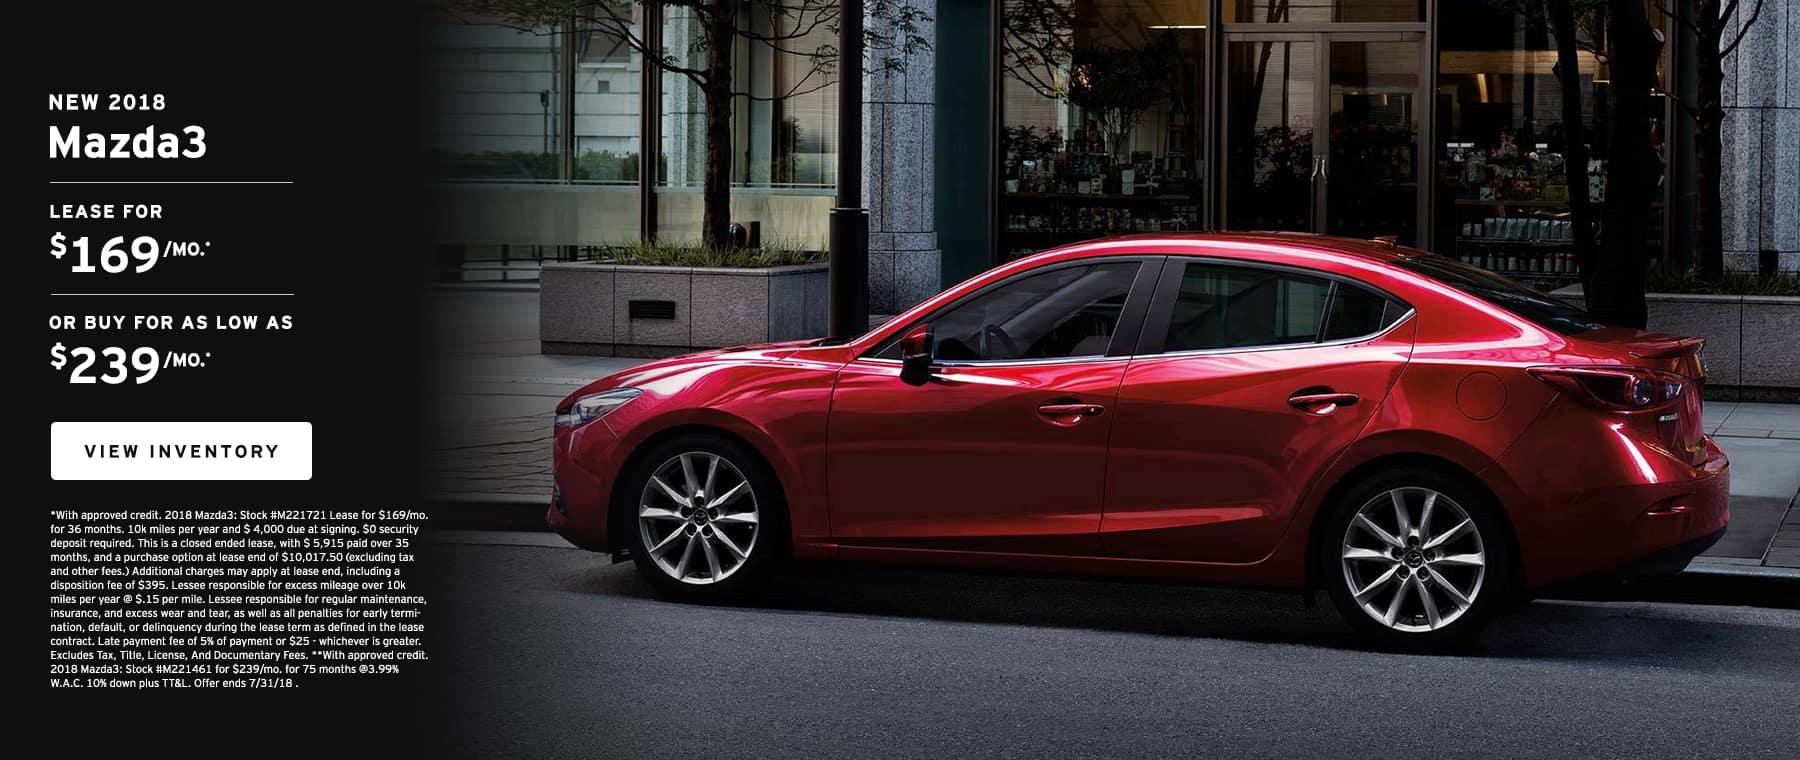 INPRMZ_SL_0709_1800x760_Mazda3